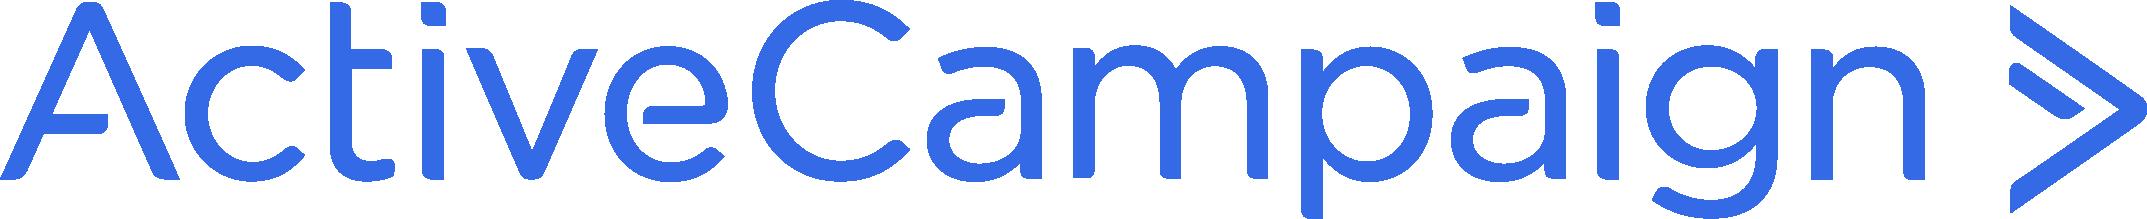 Pollyanna Consulting | Active Campaign Logo